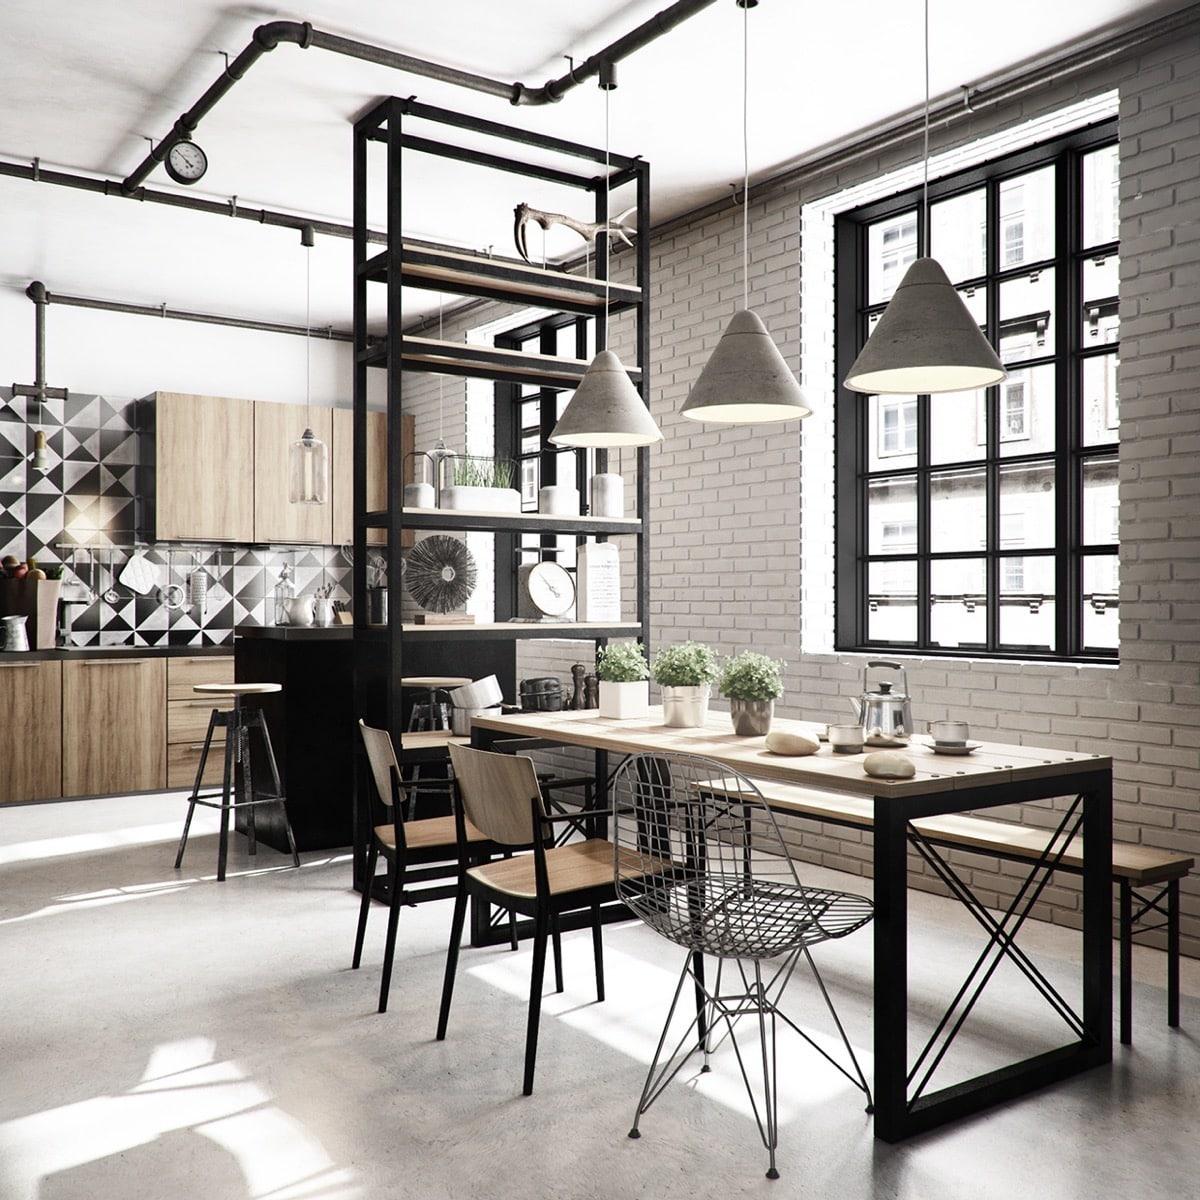 Сквозной металлический стеллаж не скрадывает пространство кухни